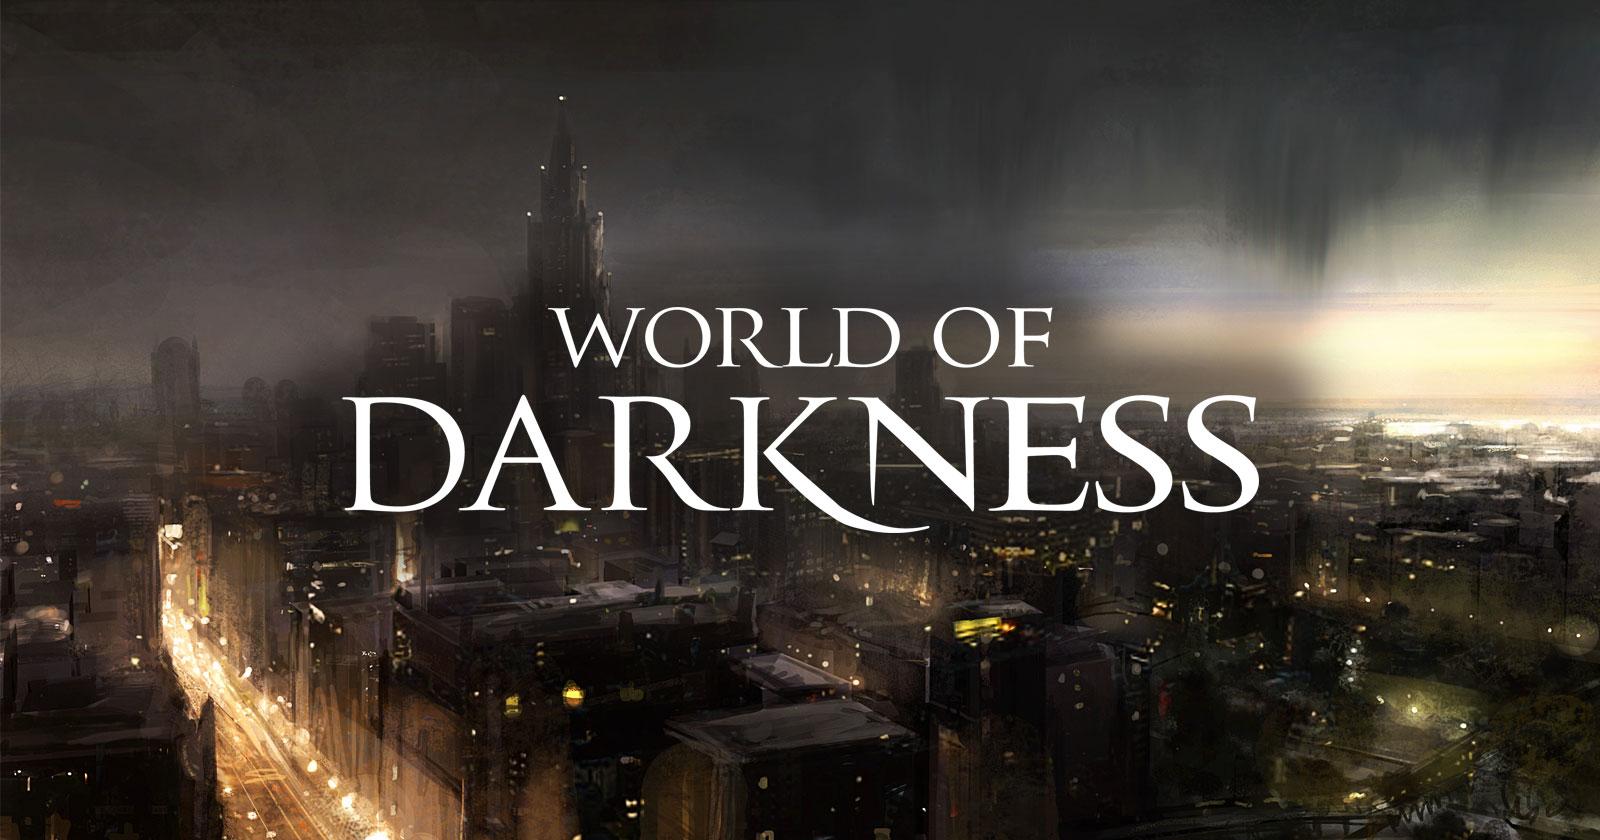 www.worldofdarkness.com